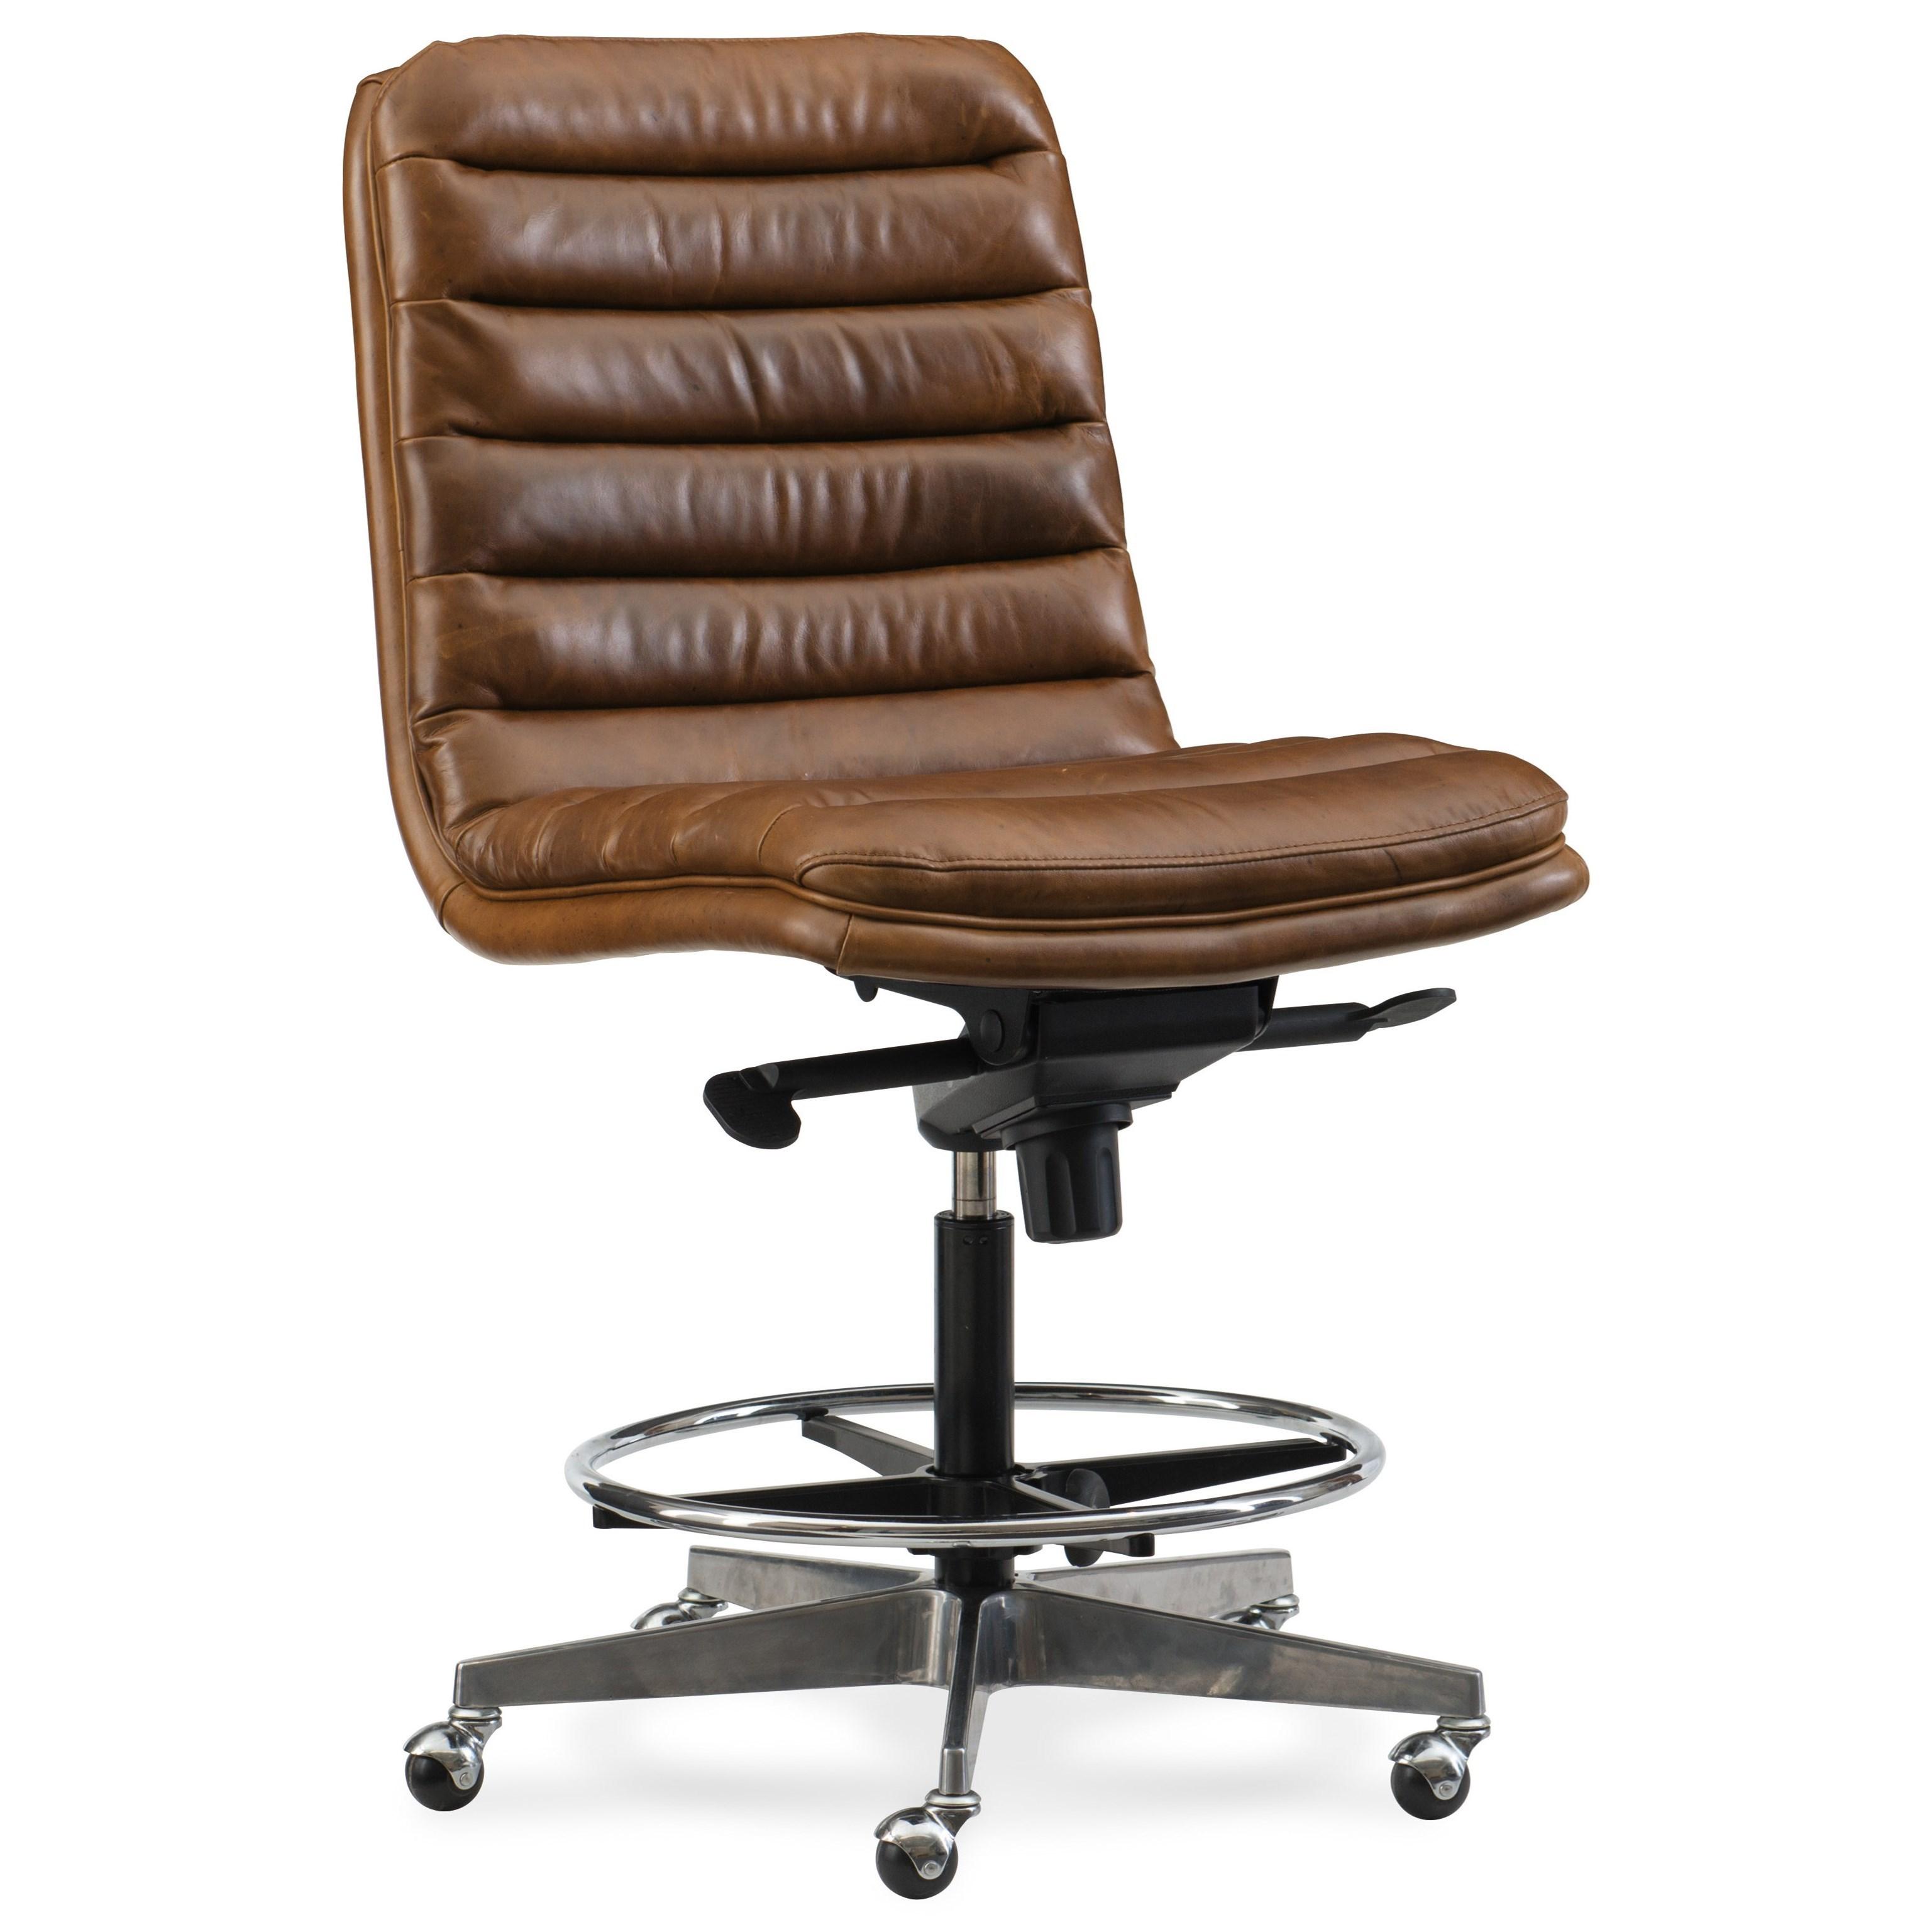 Wyatt tall home office chair